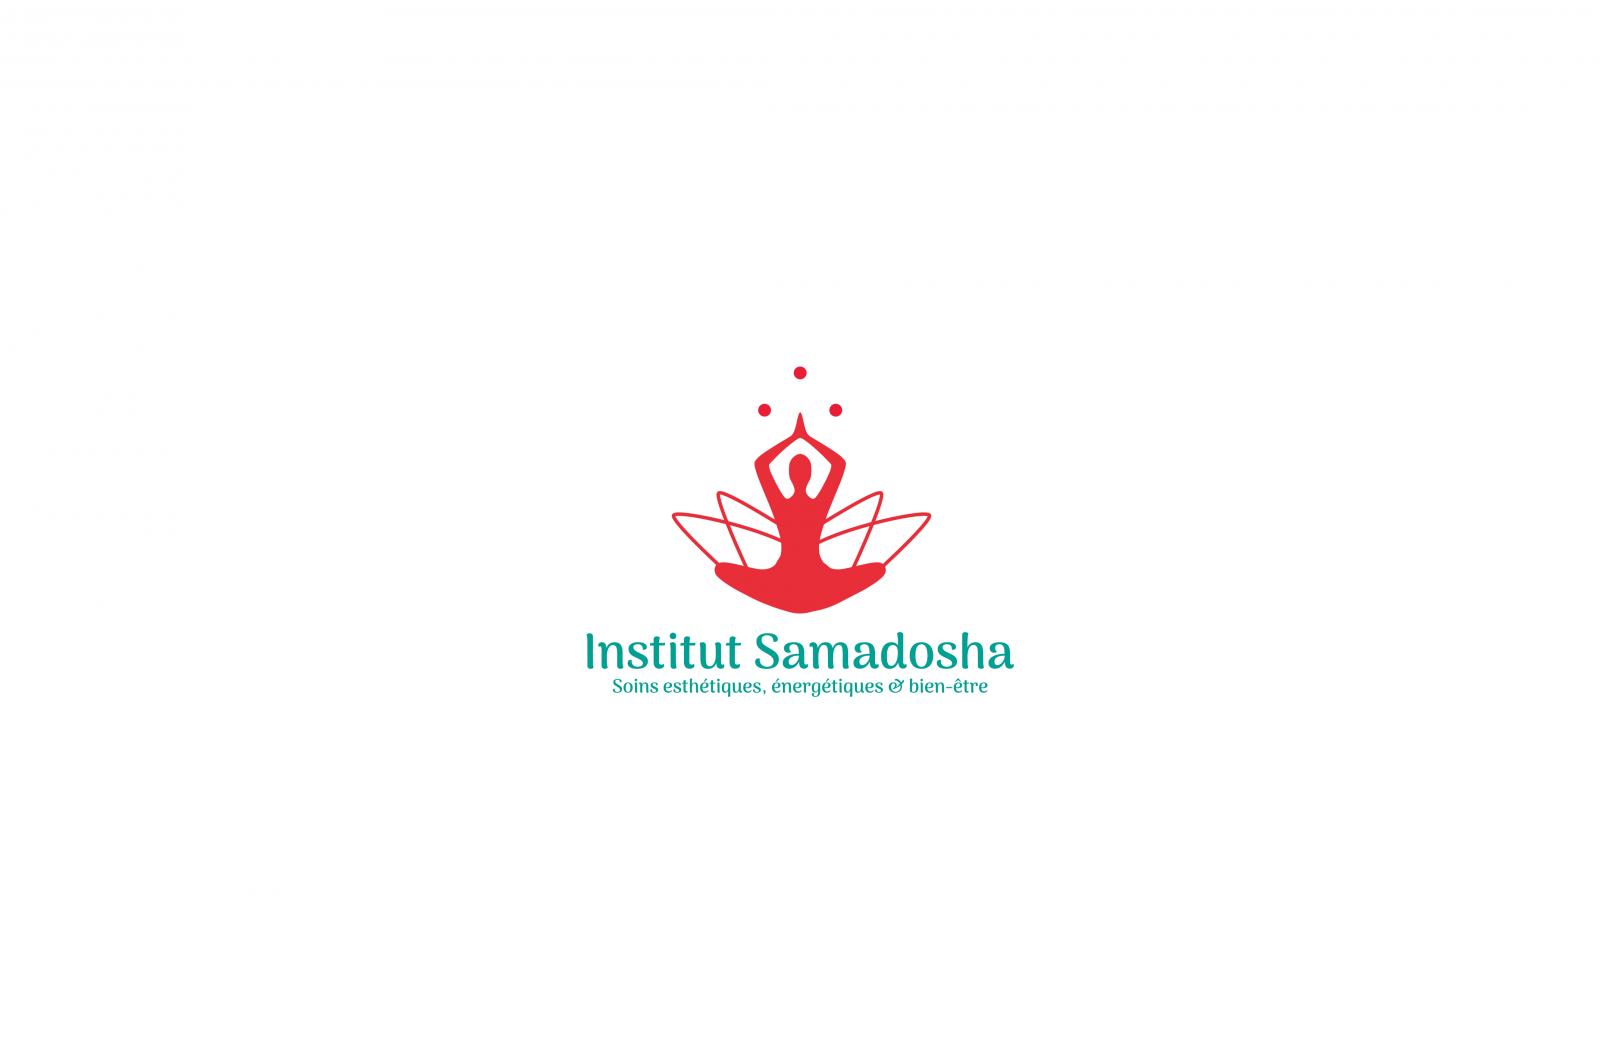 4_Institut Samadosha